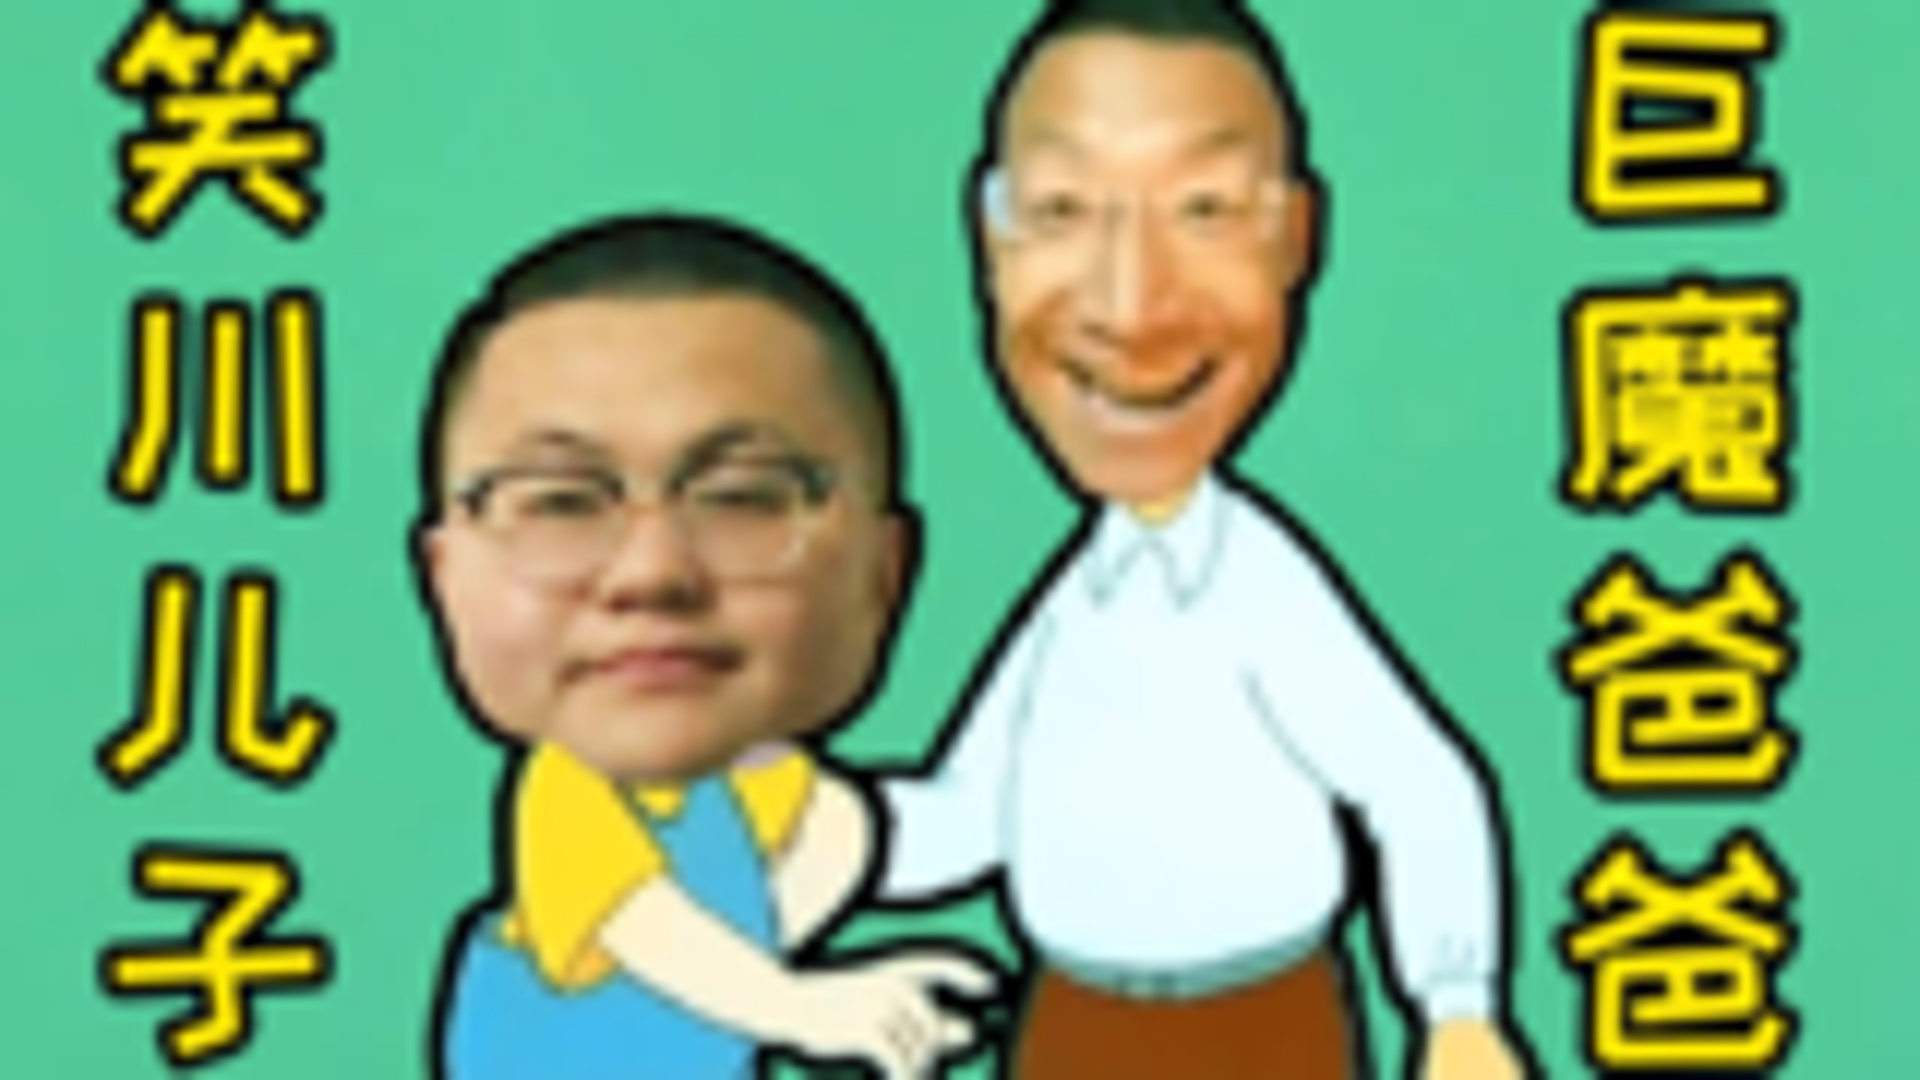 【孙笑川/巨魔】带头儿子小头爸爸